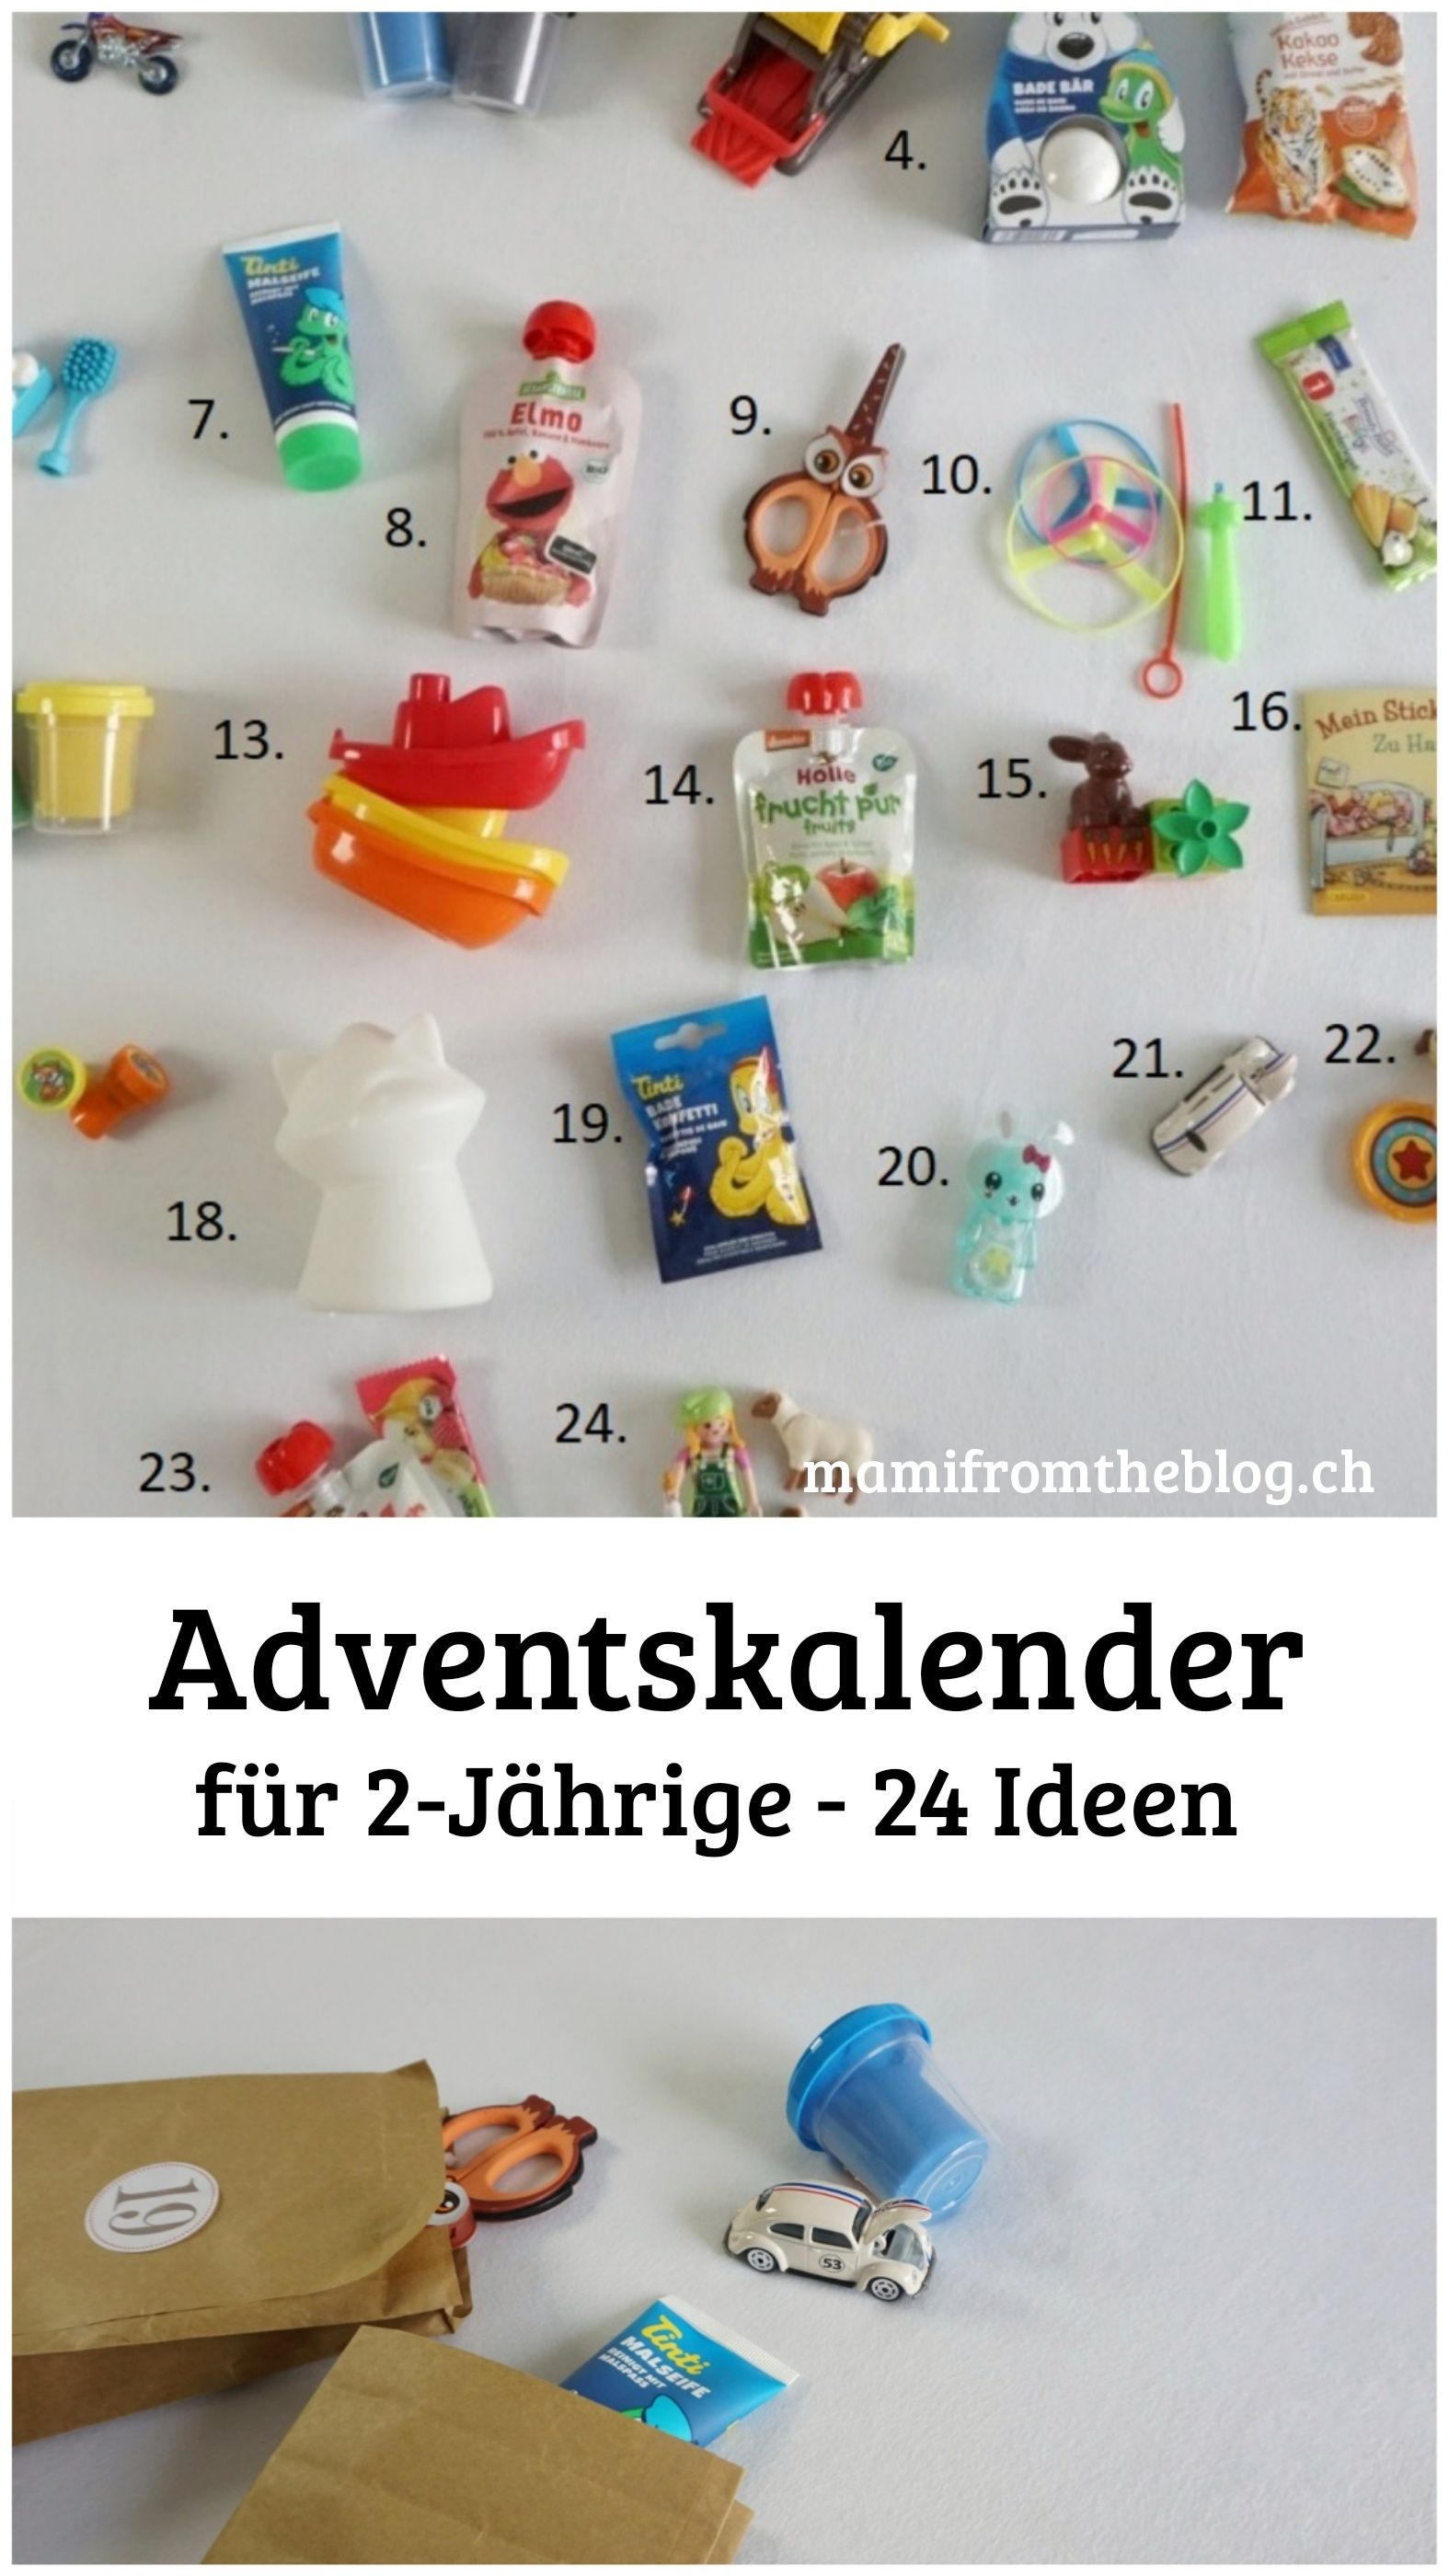 Adventskalender Füll Ideen für 2 Jährige Mädchen und Jungen